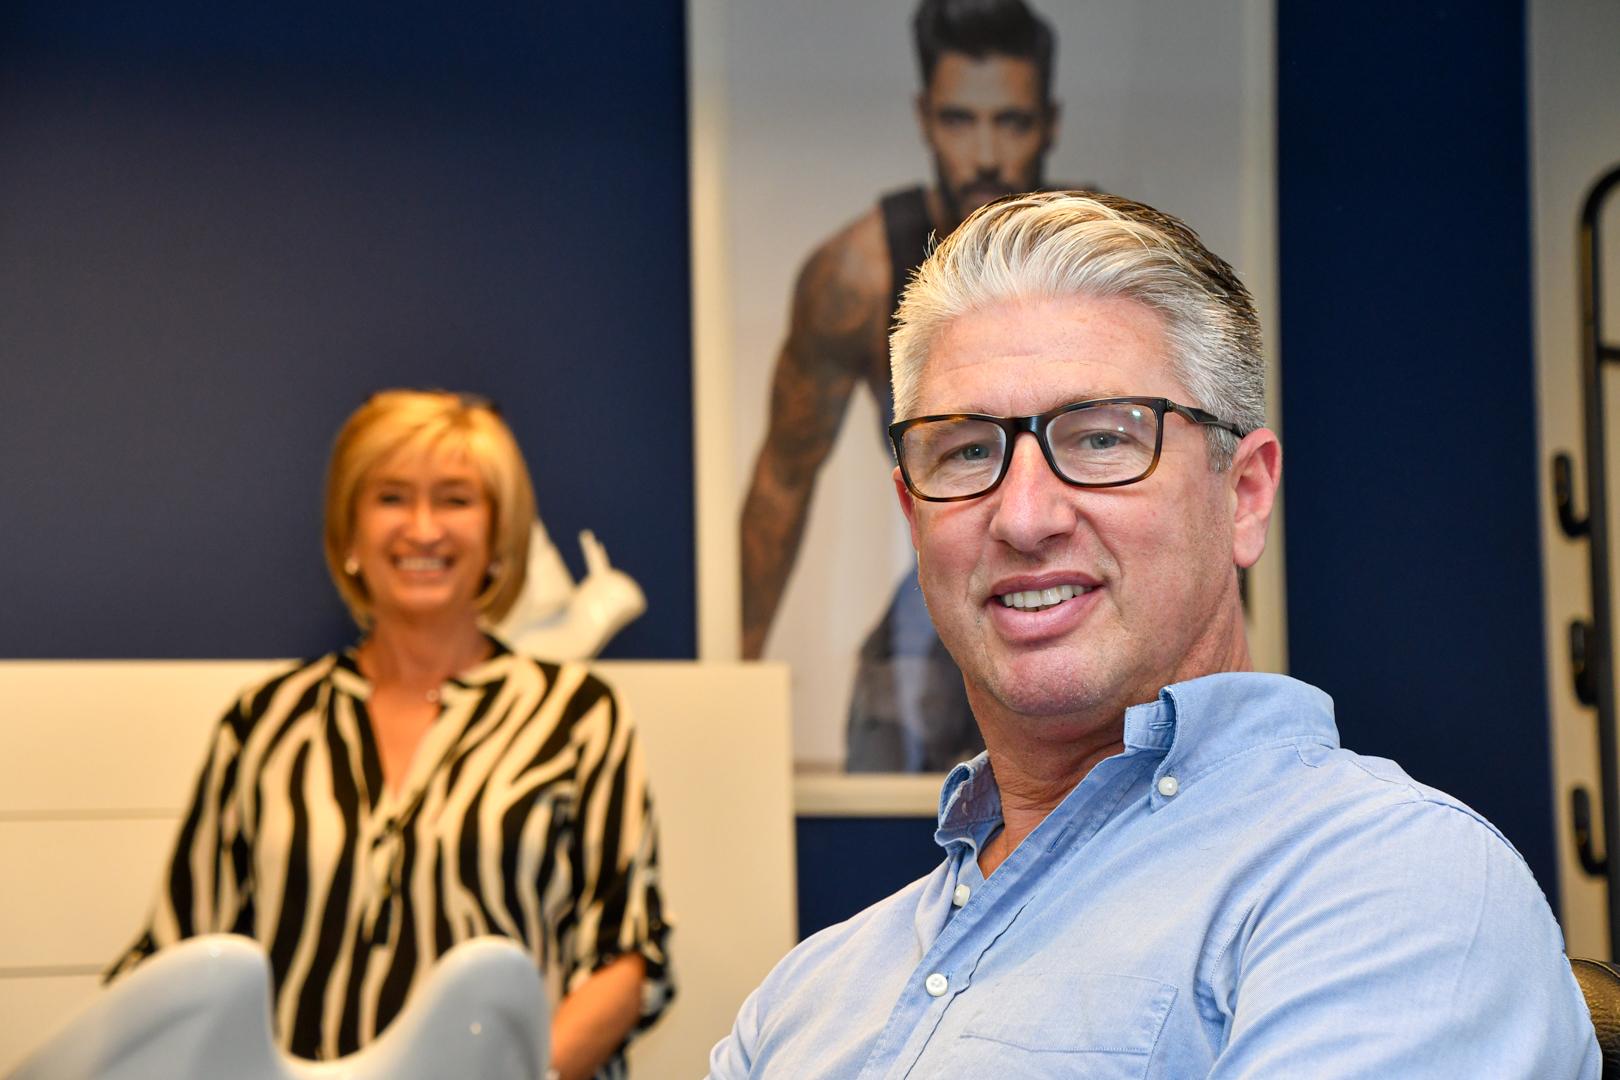 Tevreden klant bij Hairstudio Classic's